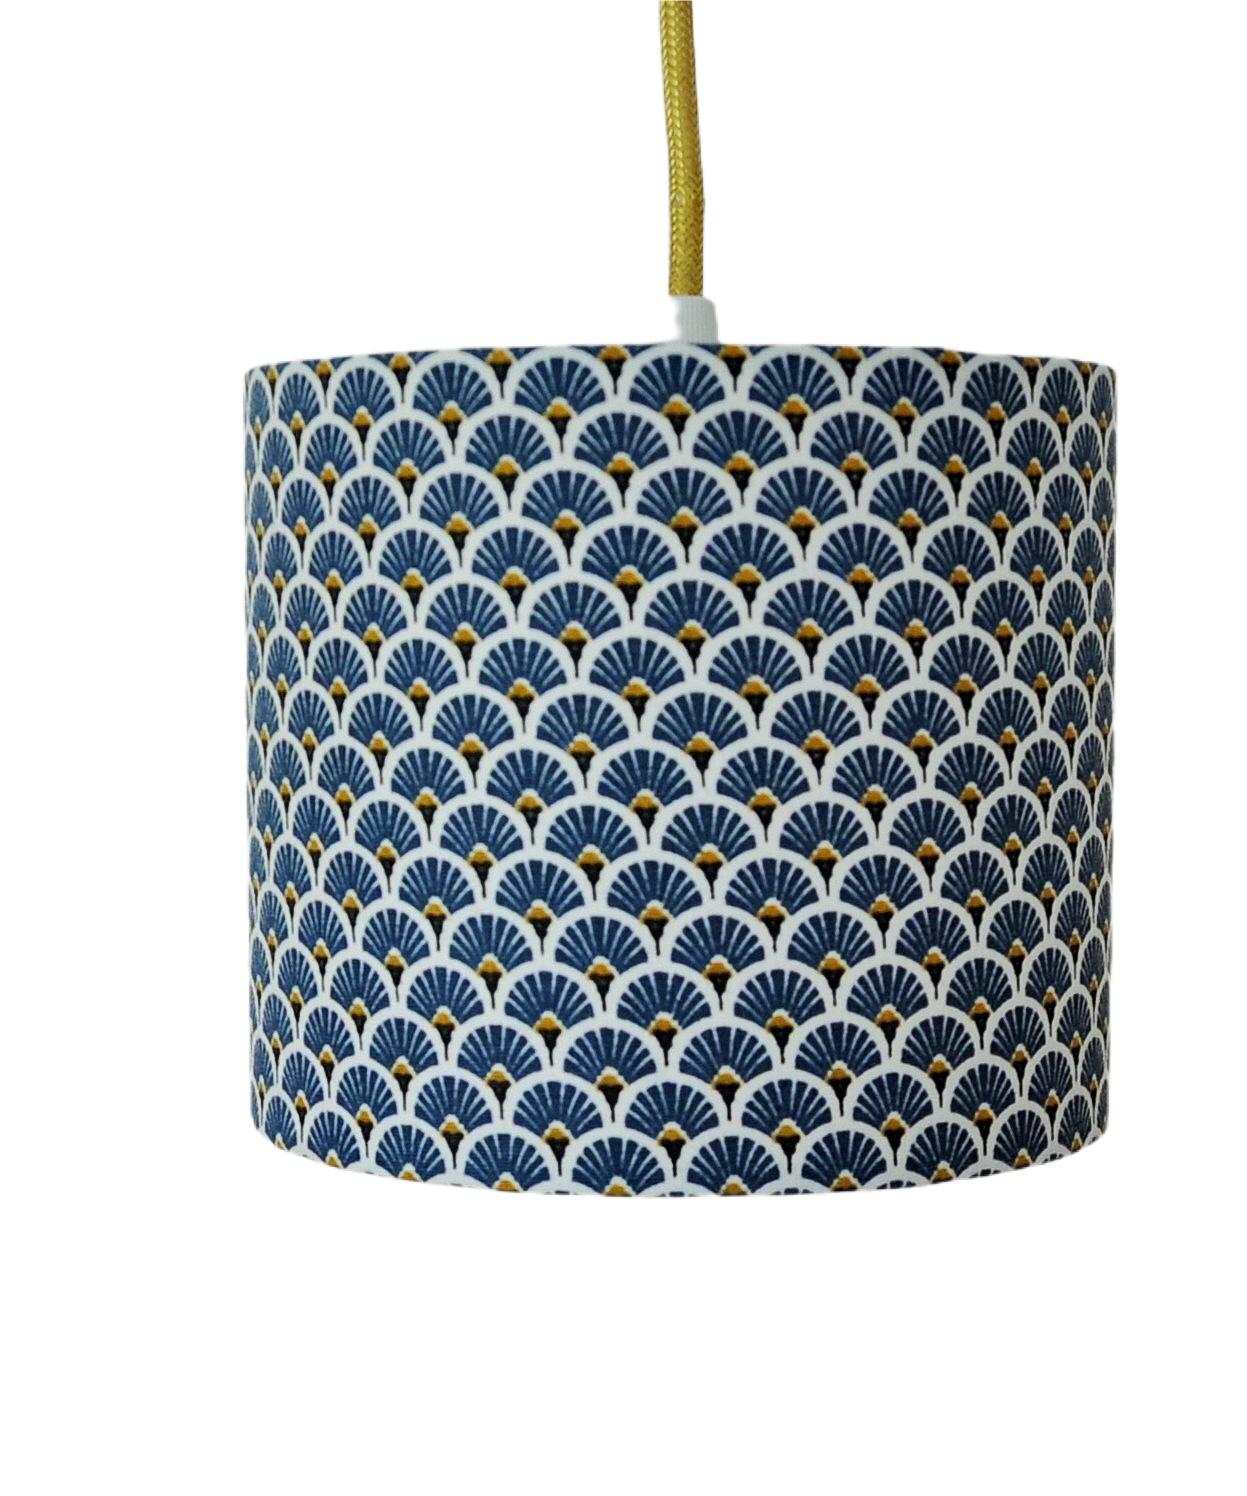 Suspension eventail bleu et or diamètre 40 cm